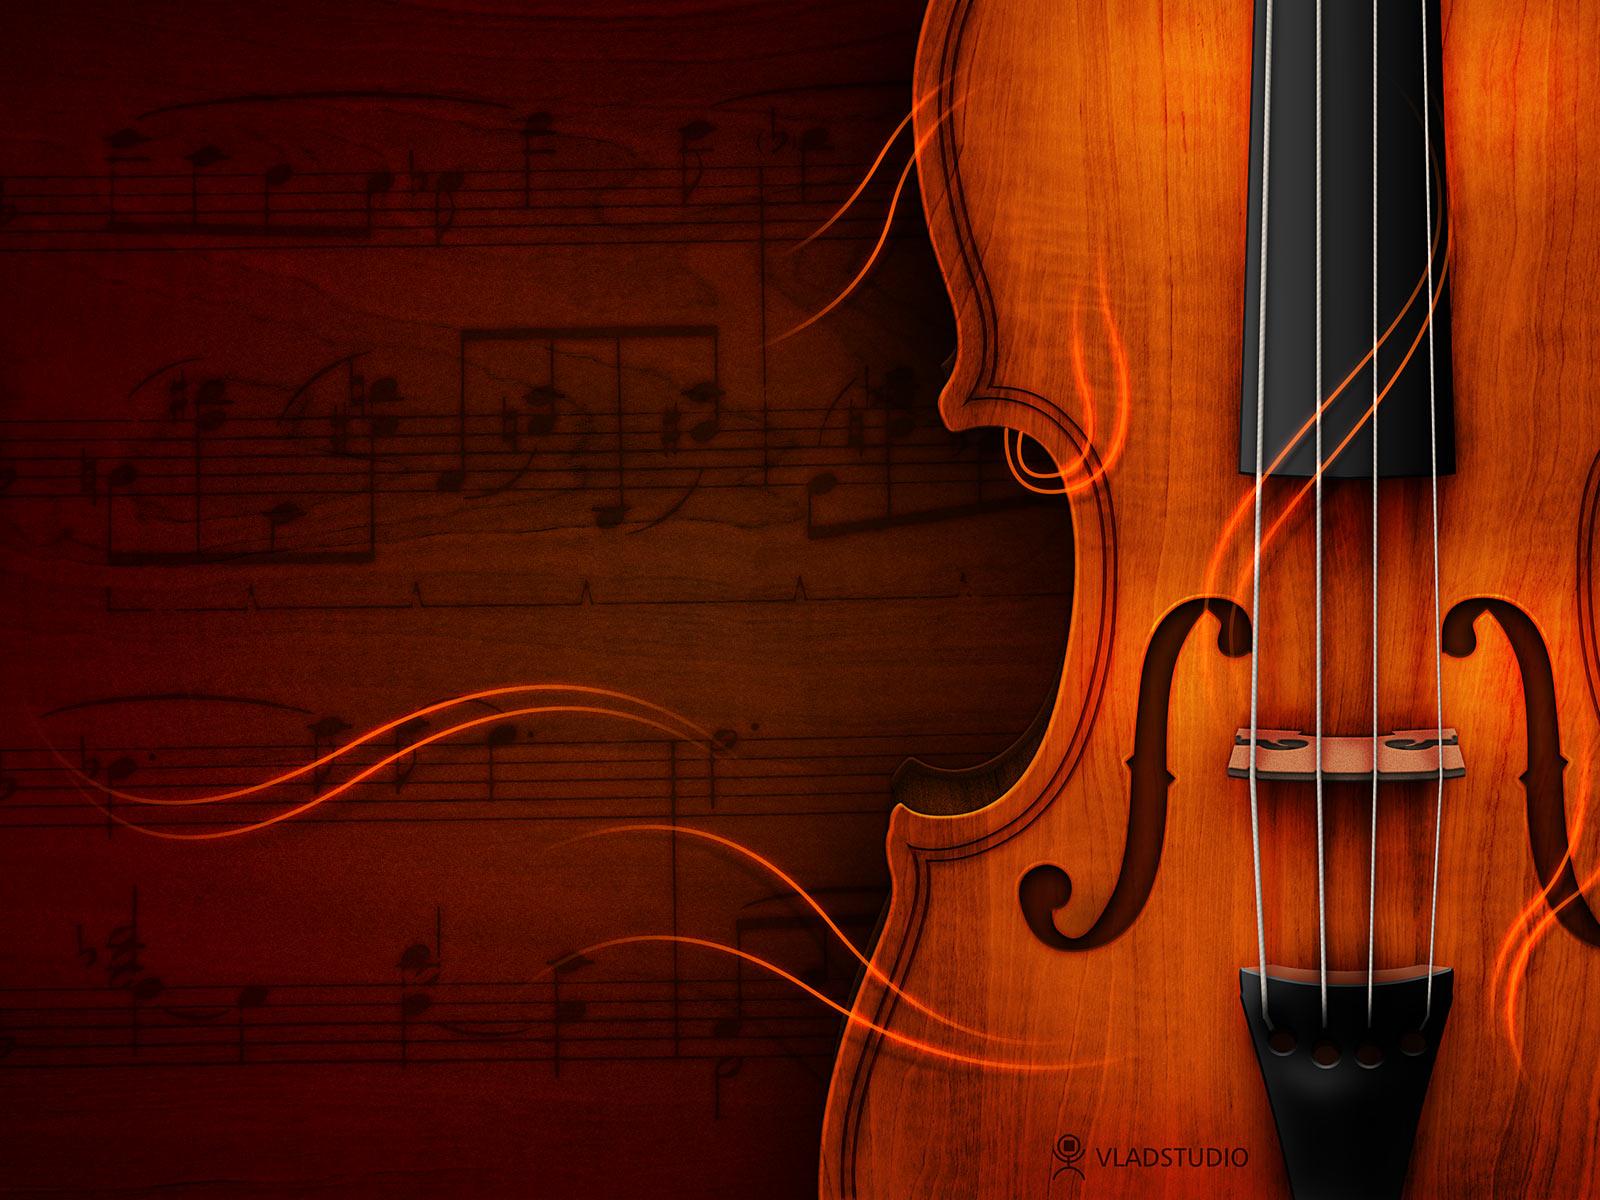 http://2.bp.blogspot.com/_ahqBTEVKDmI/TCV9JHamYLI/AAAAAAAAAFw/F2YZn622Giw/s1600/violin.jpg